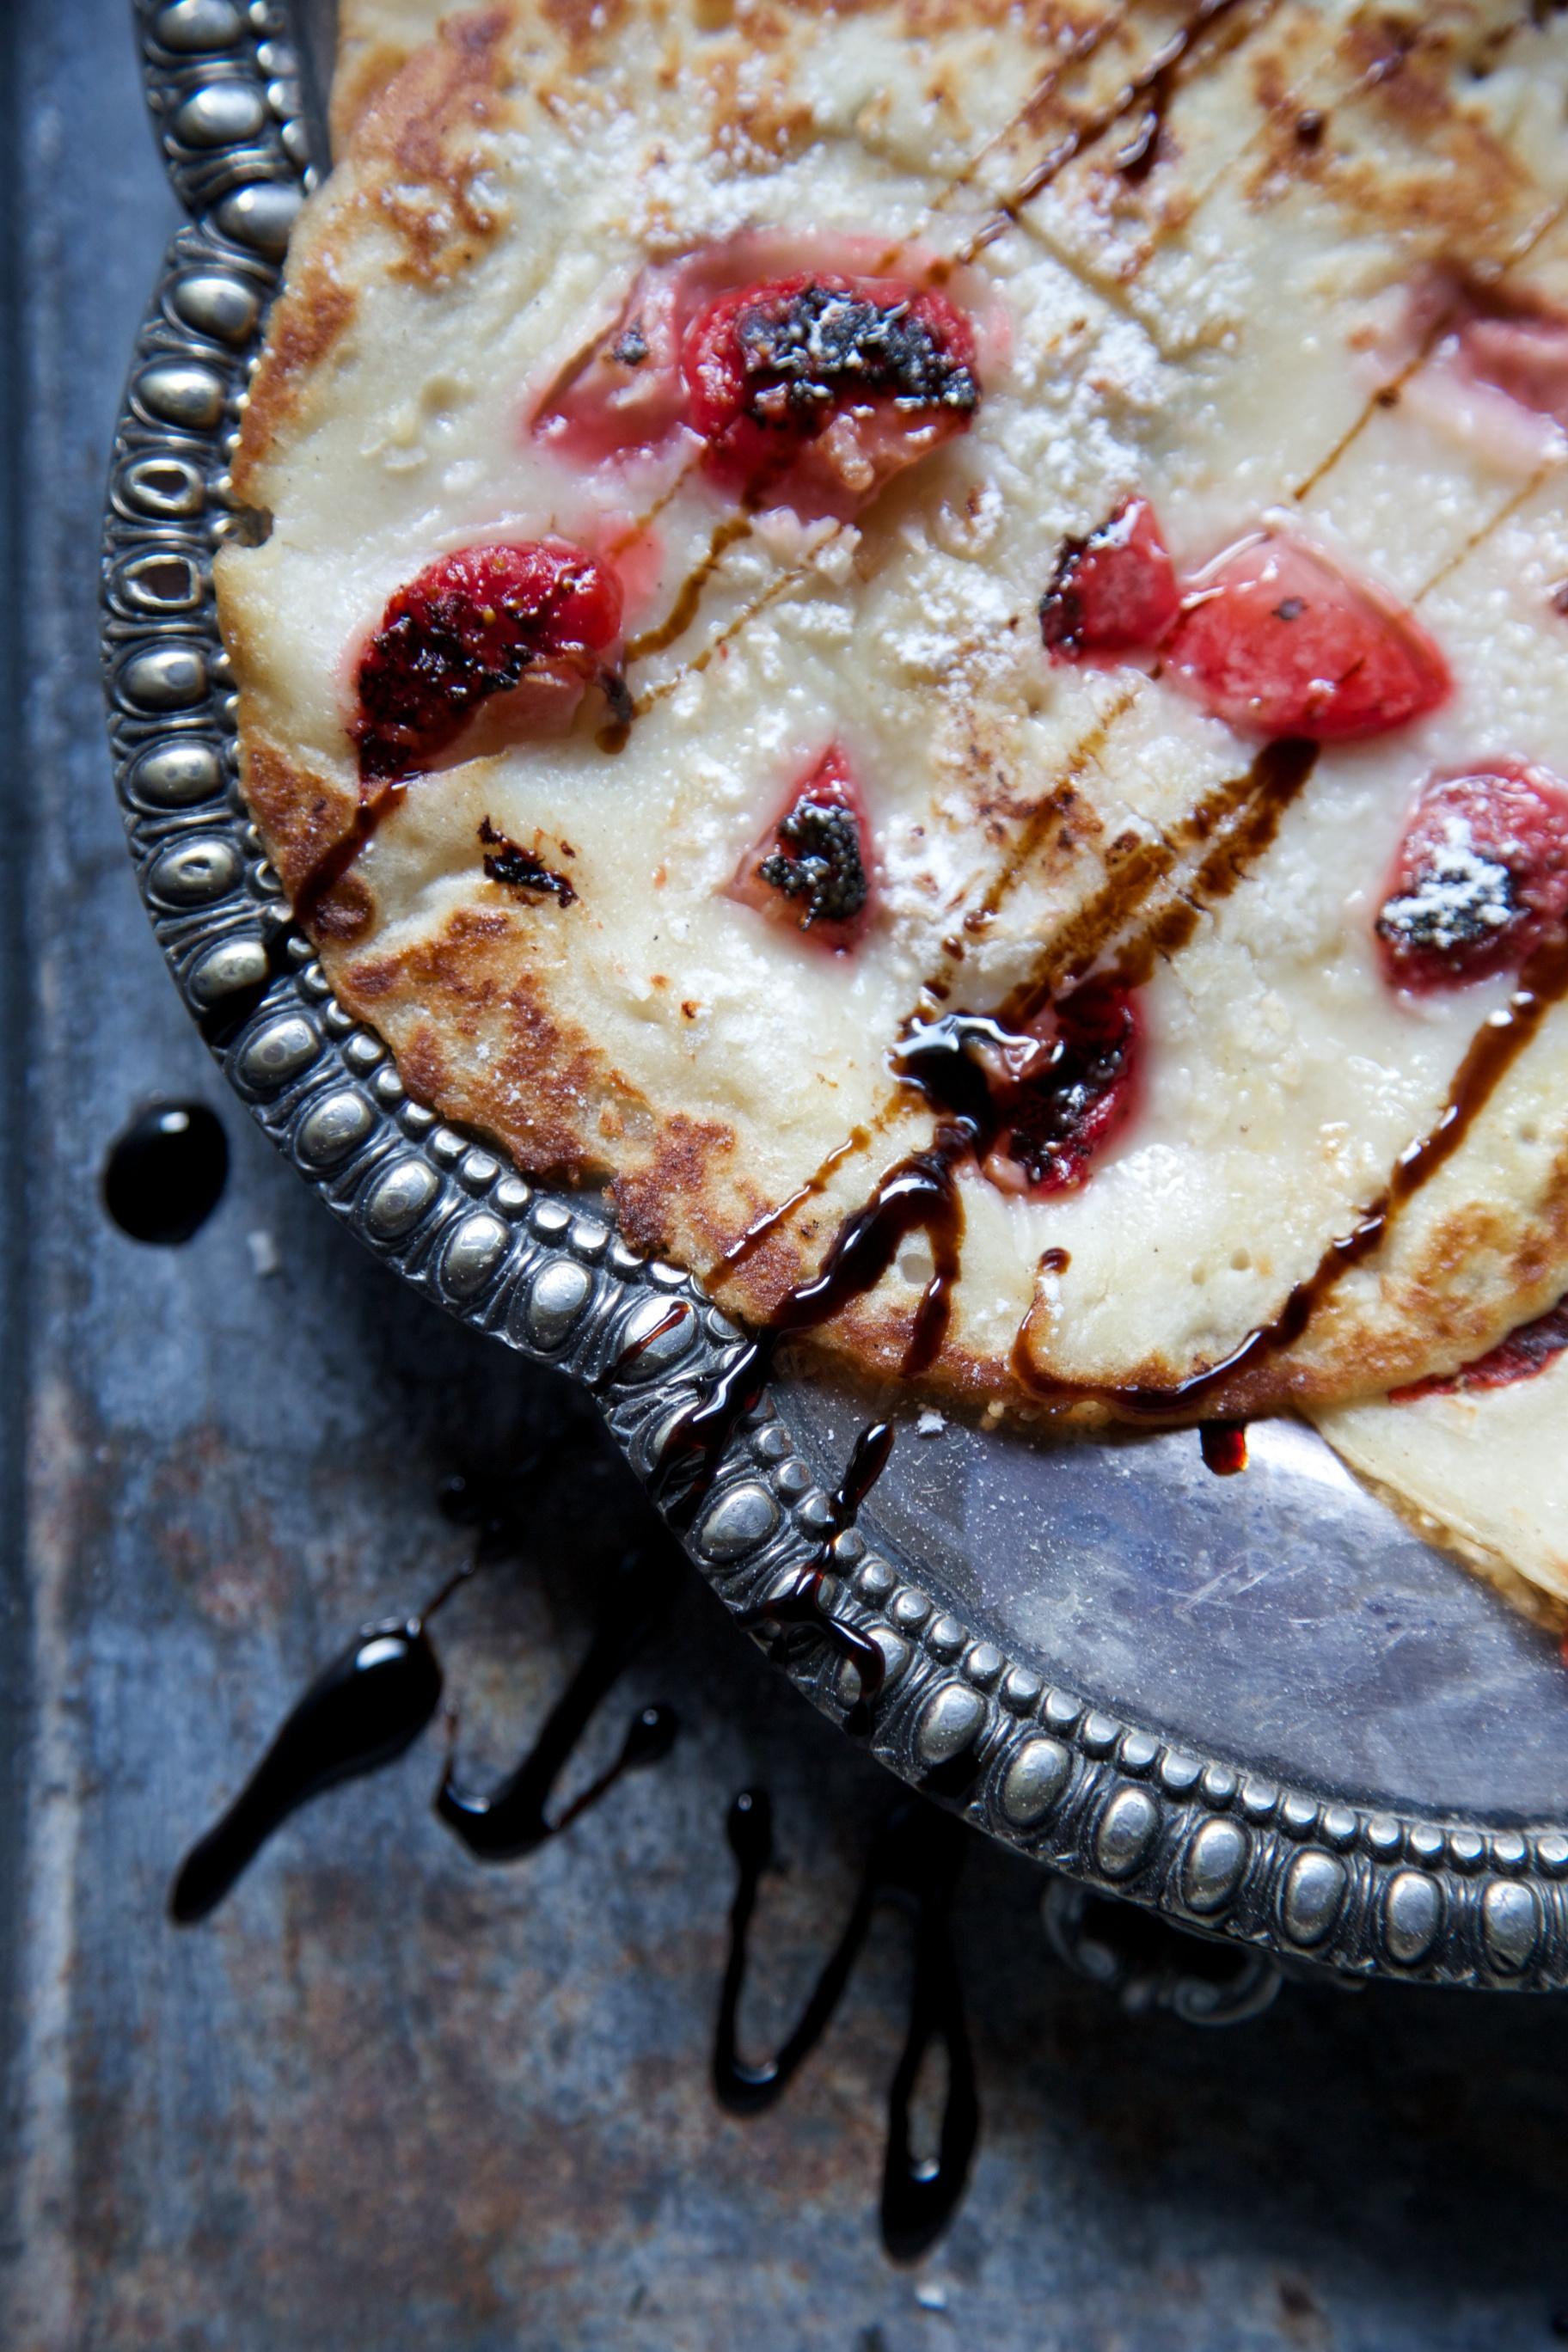 Best pancake recipe for pancake day